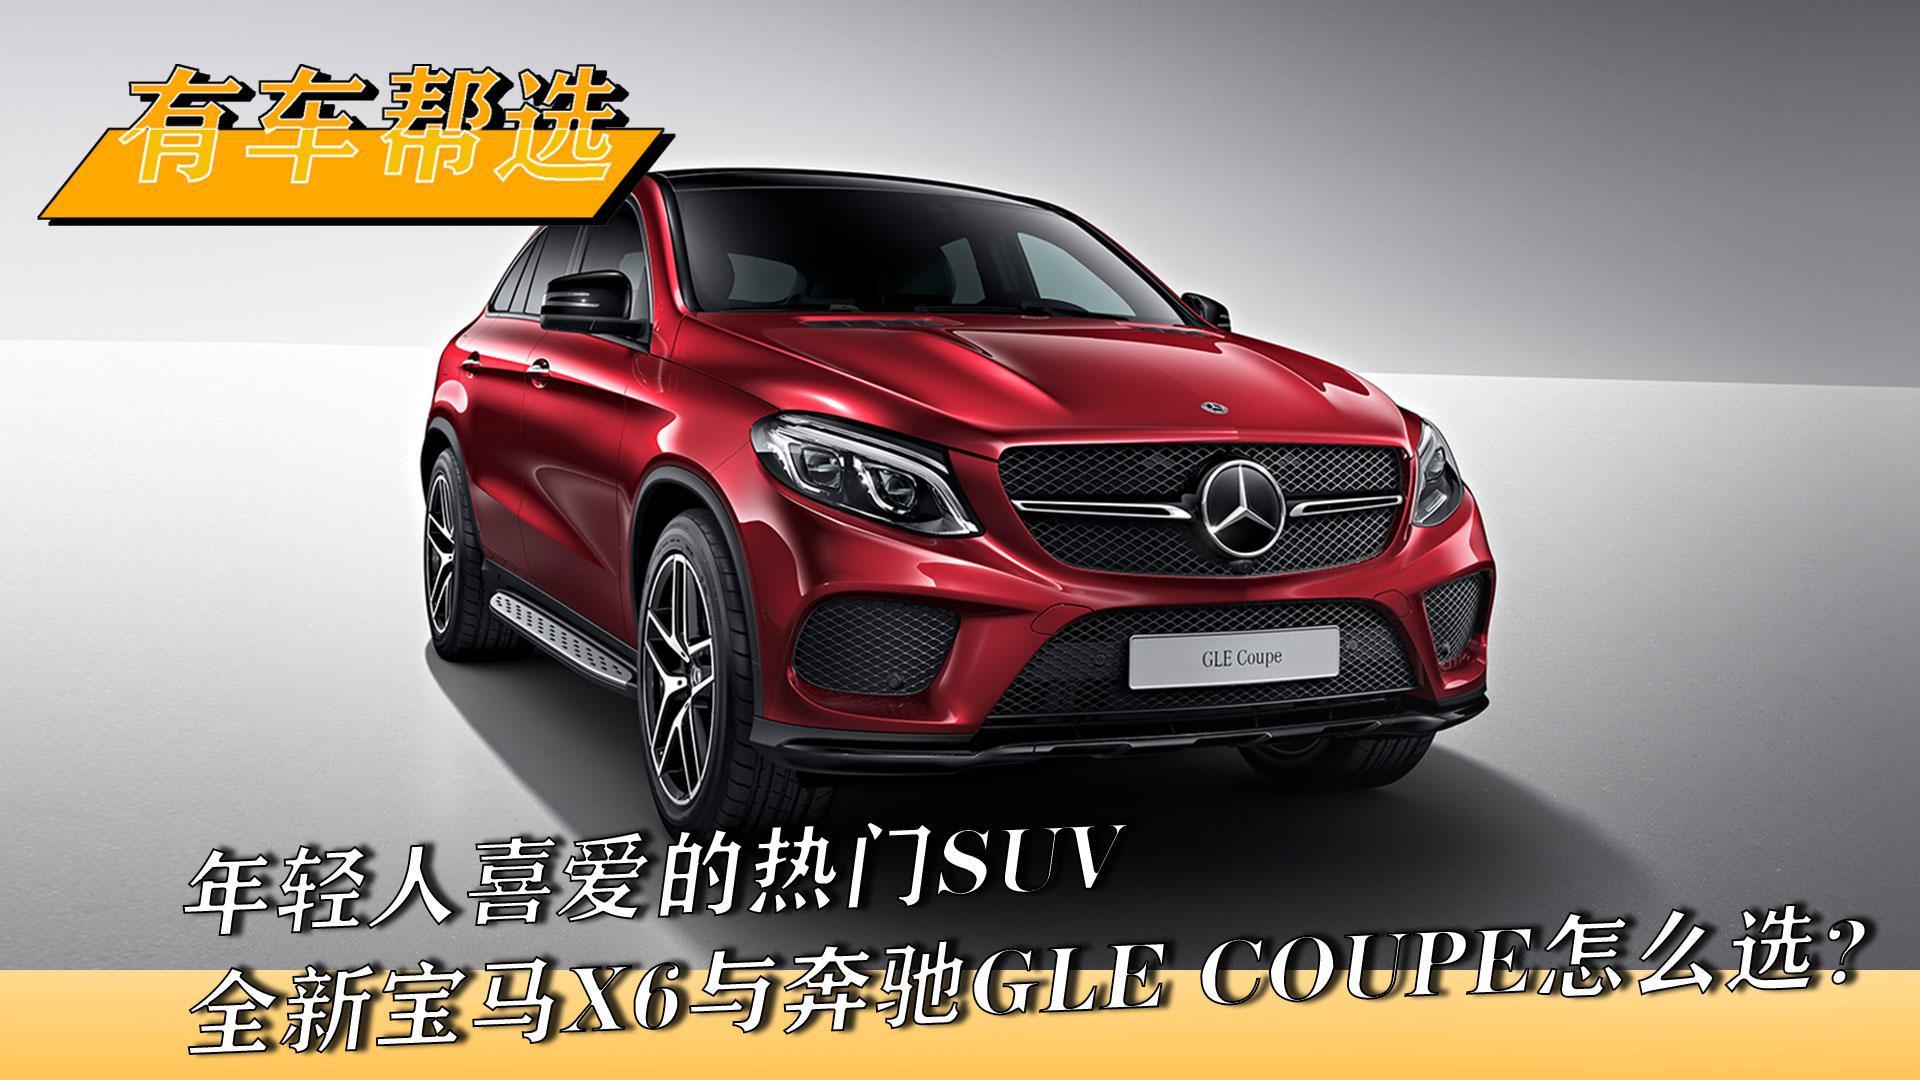 又潮又酷的轿跑SUV 全新宝马X6与奔驰GLE COUPE咋选?